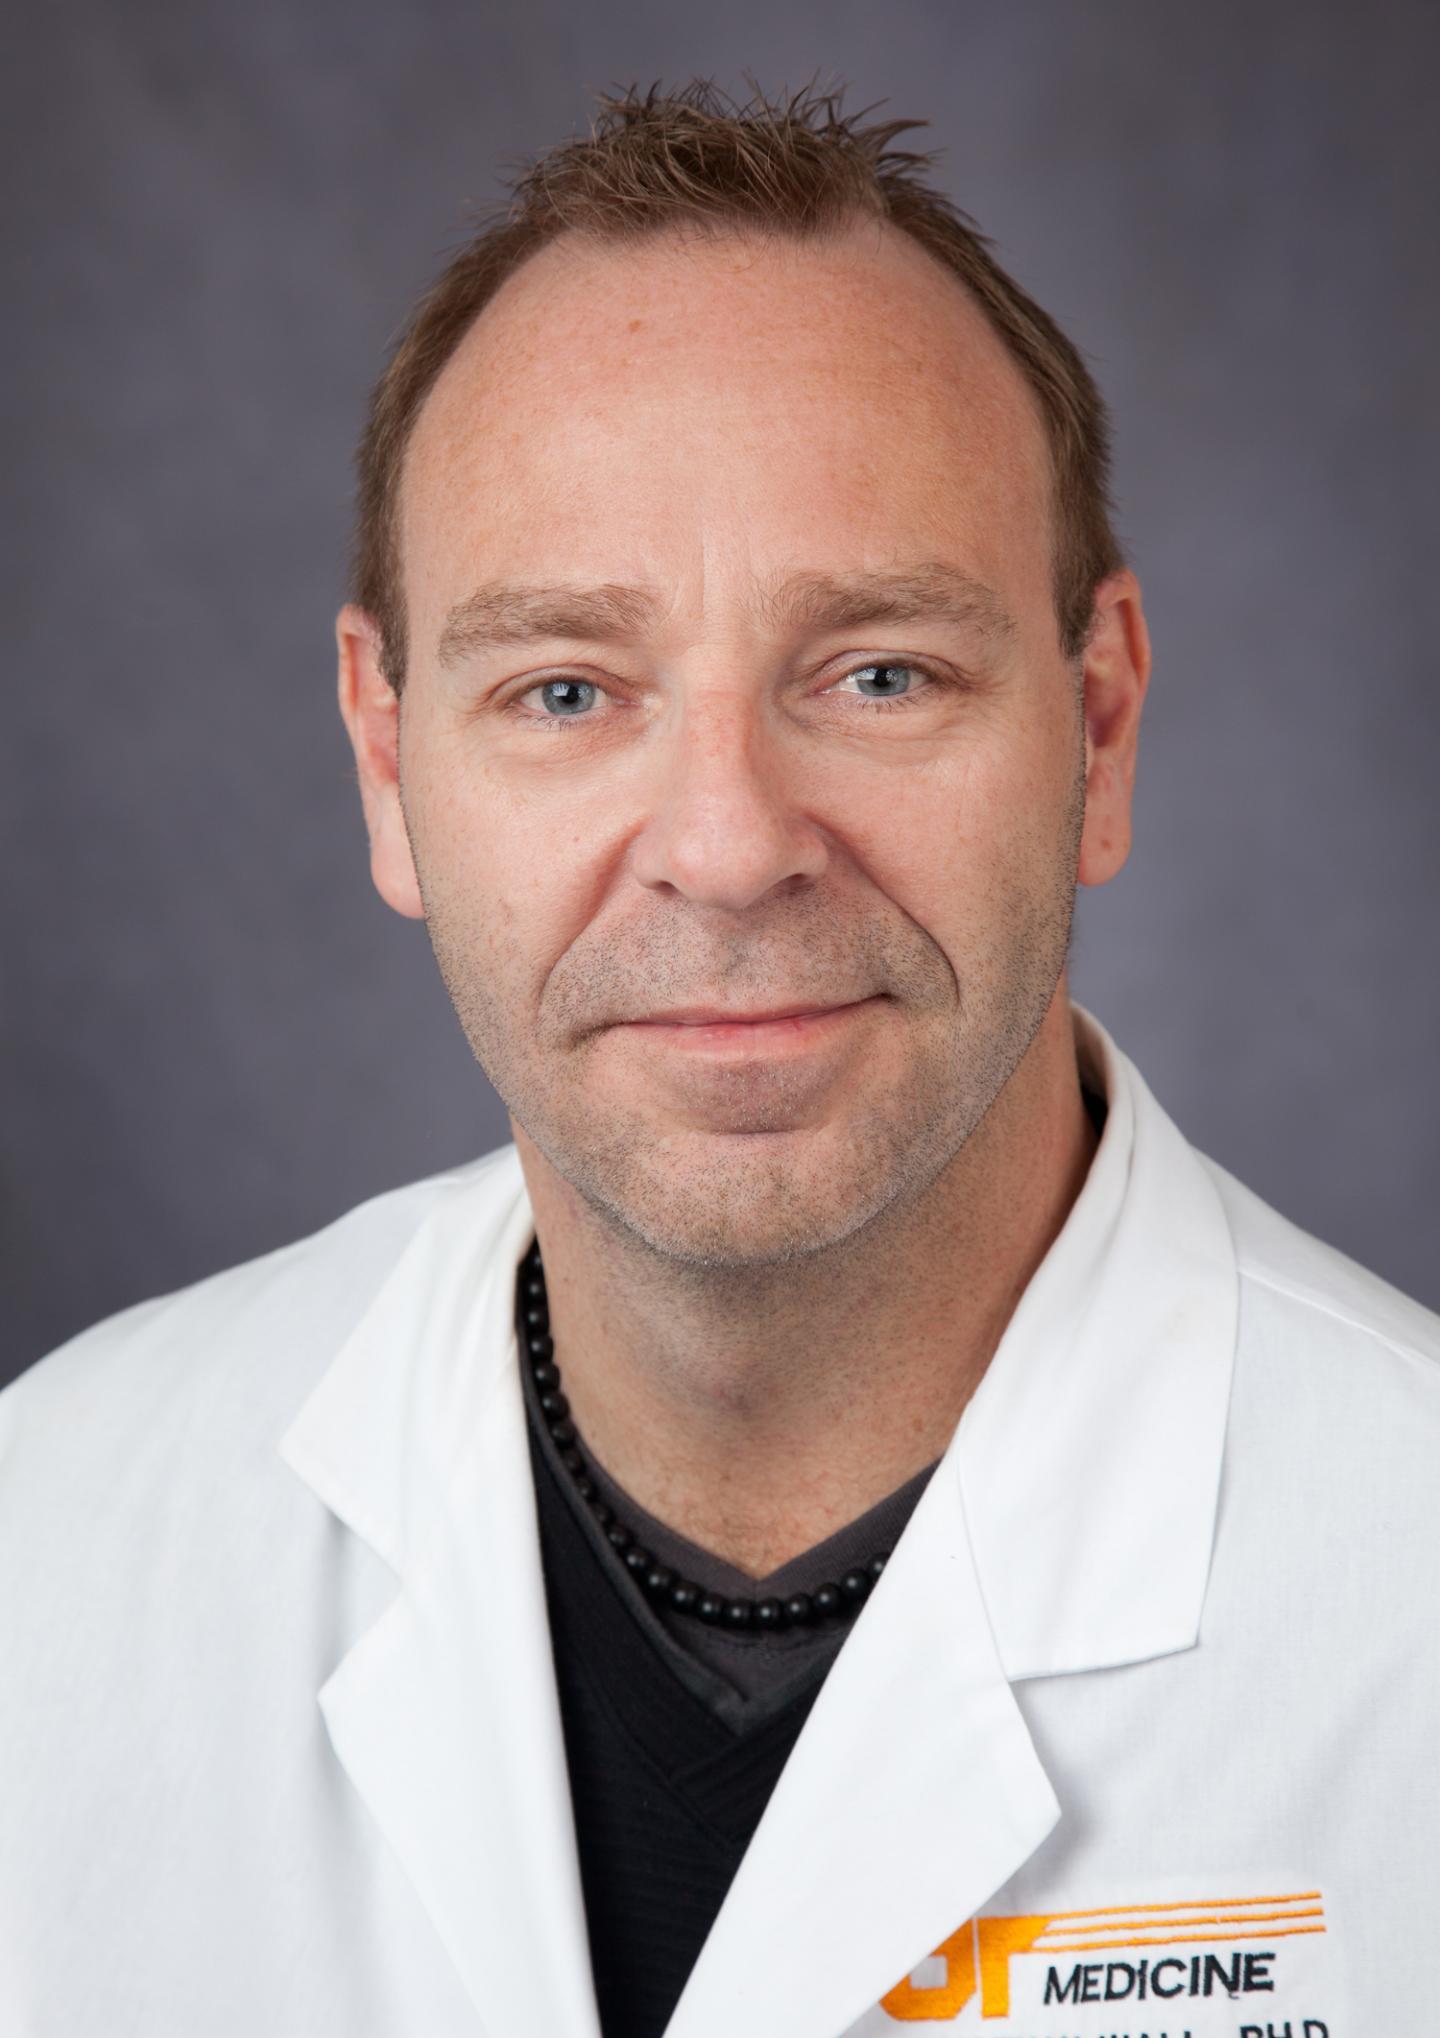 Dr. Jonathan Wall